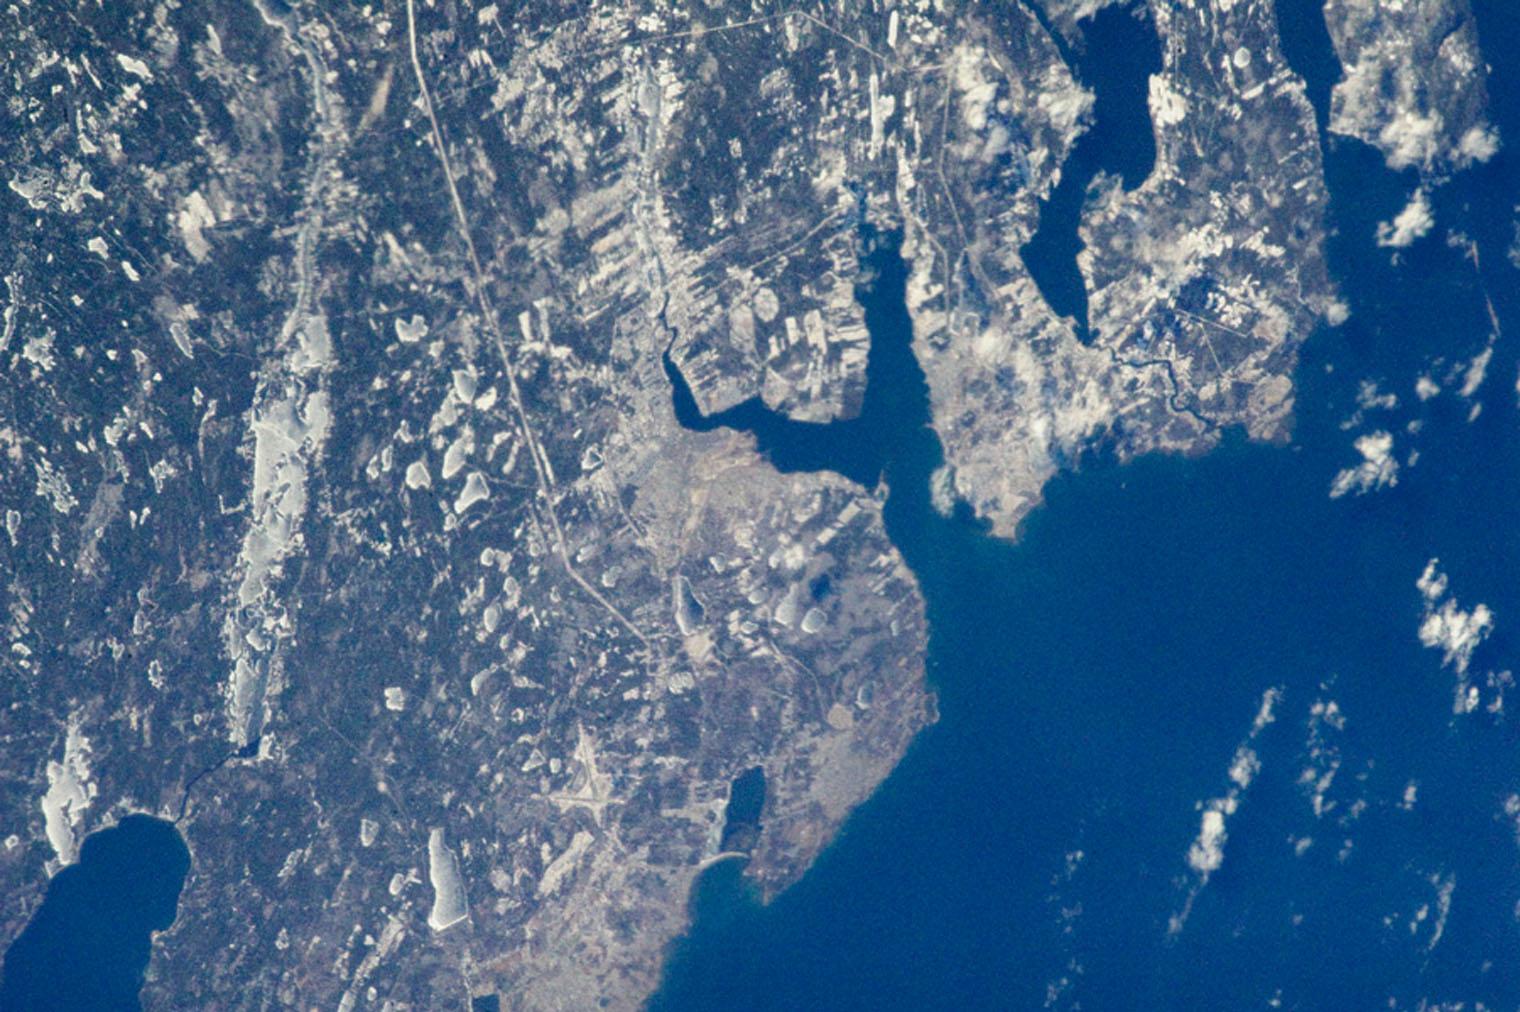 Sydney, Nova Scotia, Canada